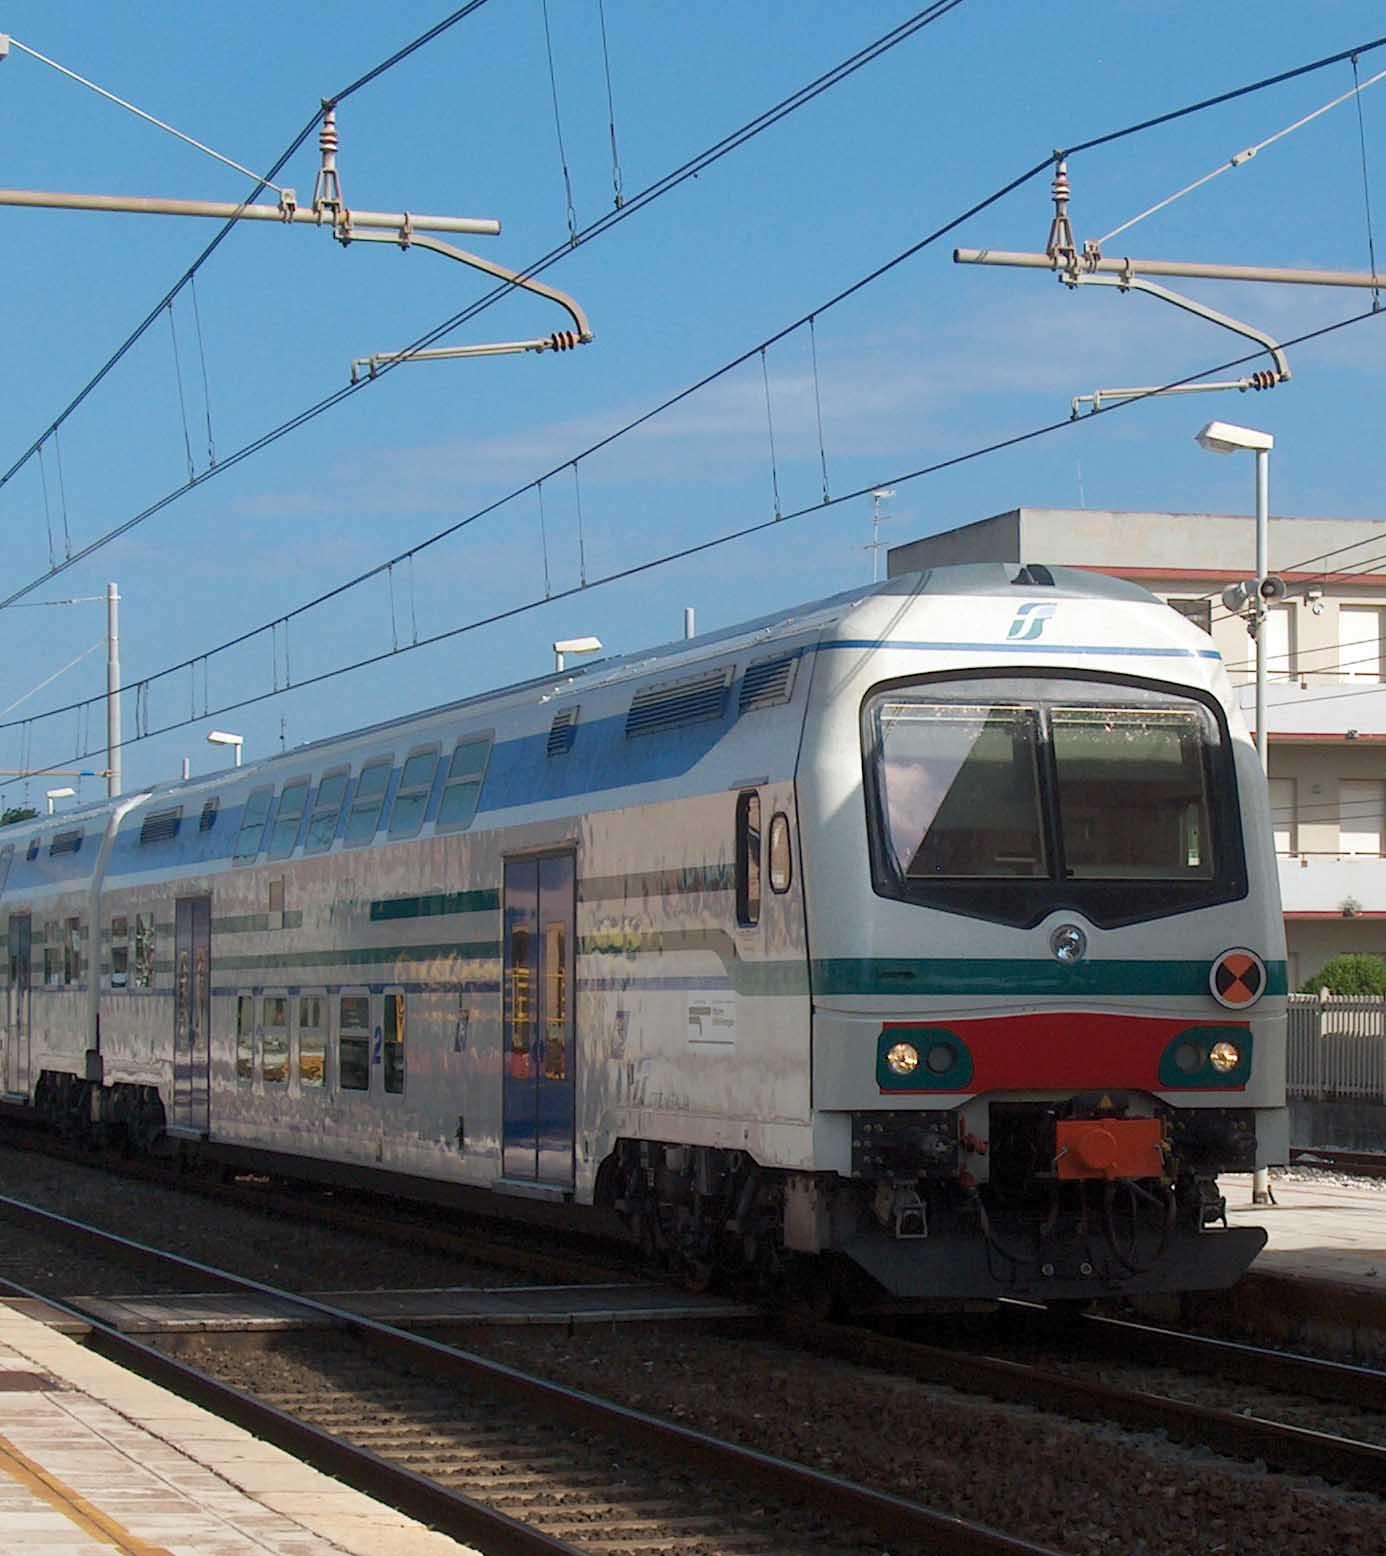 FS treno vivalto 1